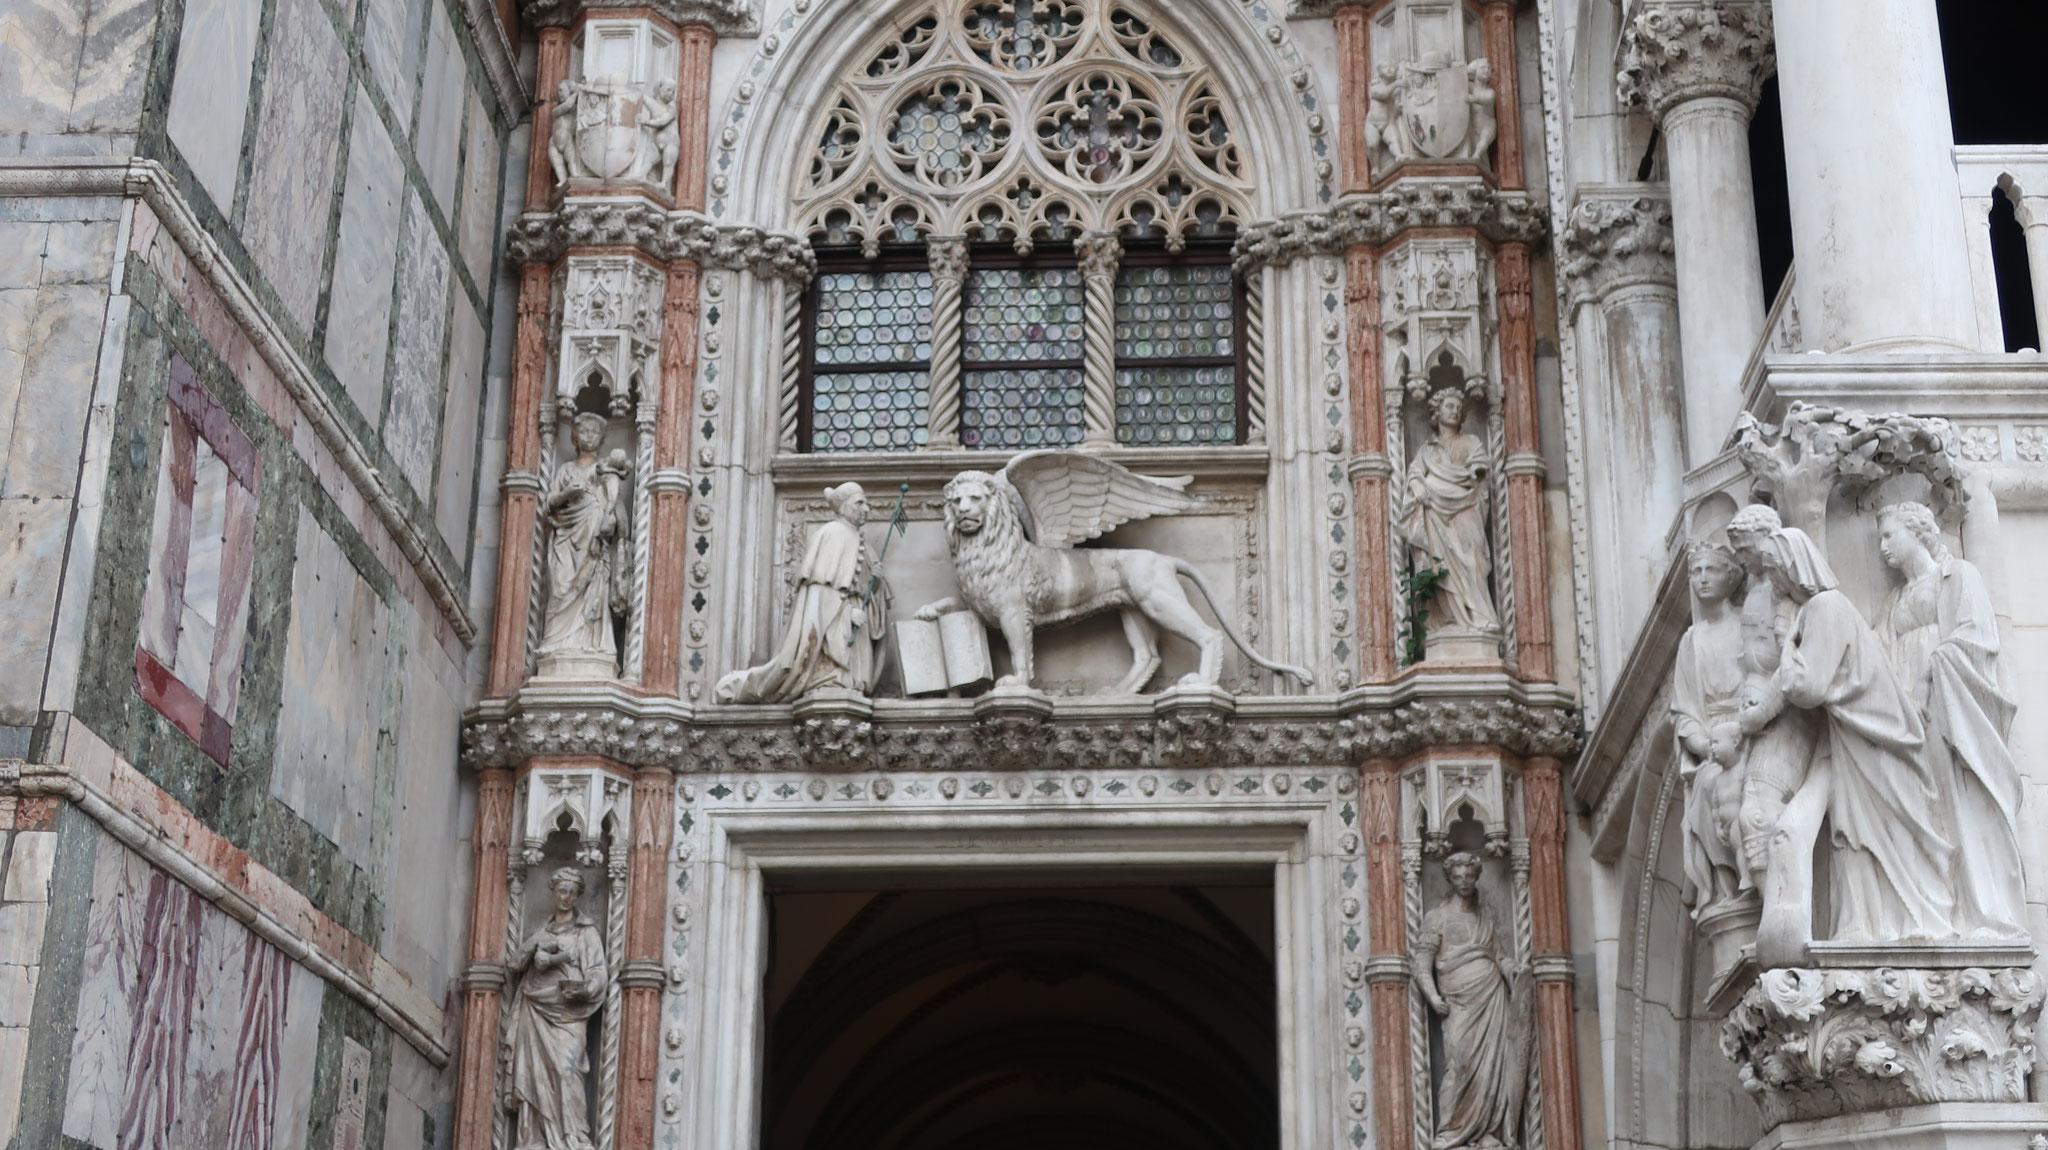 聖書を持った有翼のライオン(聖マルコの象徴)と膝まずくヴェネツィア総督(フランチェスコ・フォスカリ)。聖書は平和を表しています。